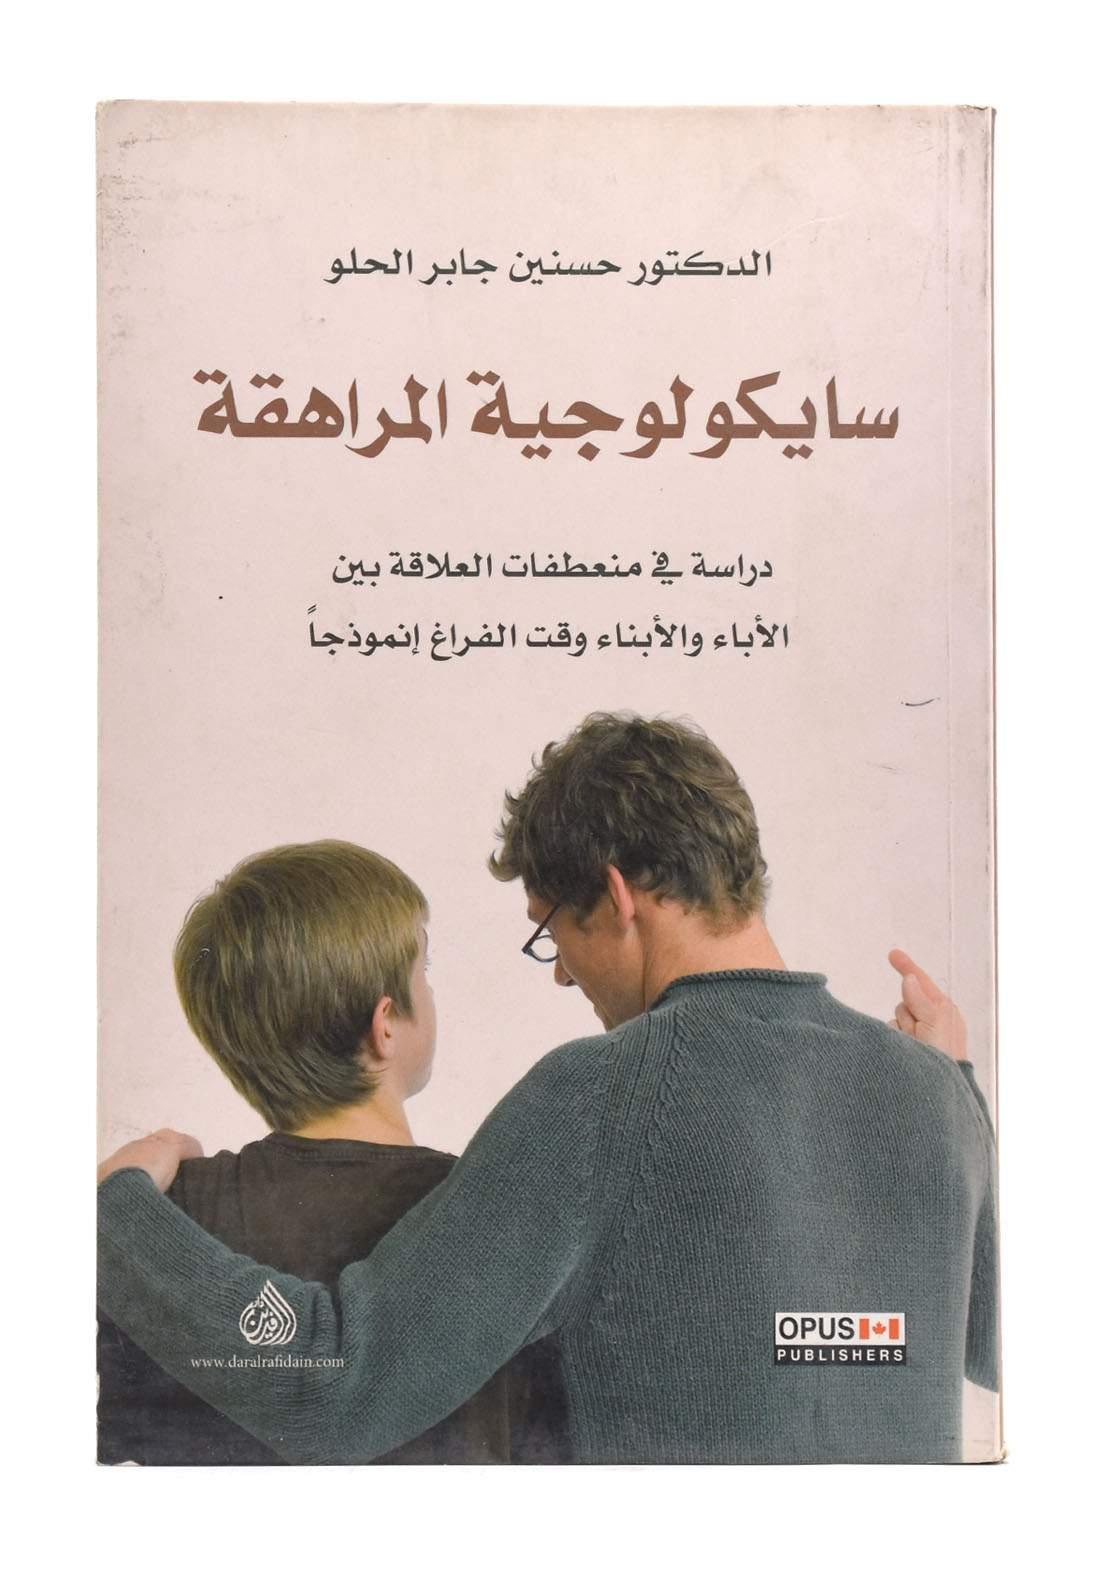 سايكولوجية المراهقة  دراسة في منعطفات العلاقة بين الأباء والأبناء وقت الفراغ إنموذجاً